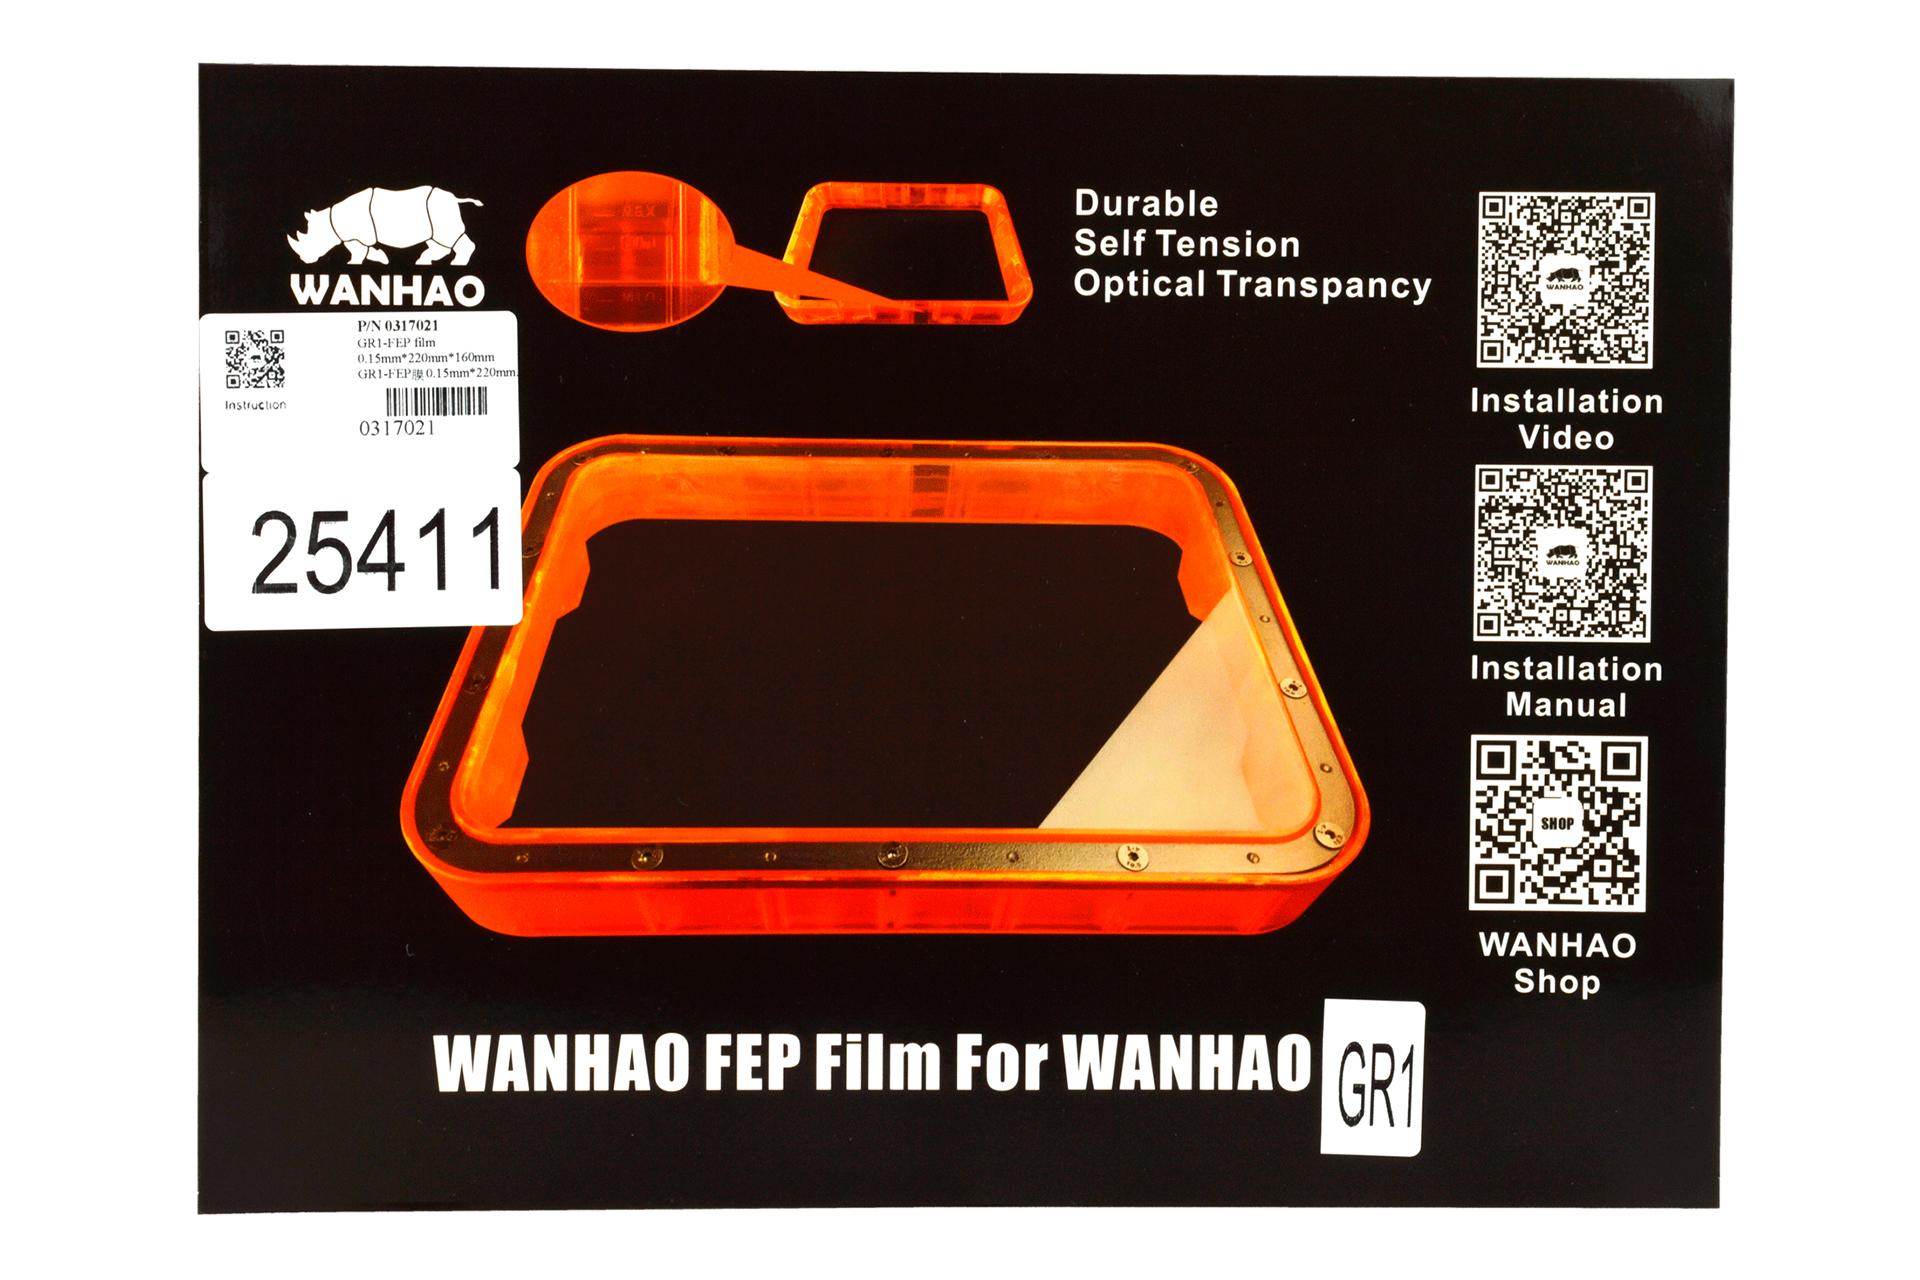 Тефлоновая FEP пленка для ванночки для DLP 3D принтера Wanhao GR1 купить украина 1